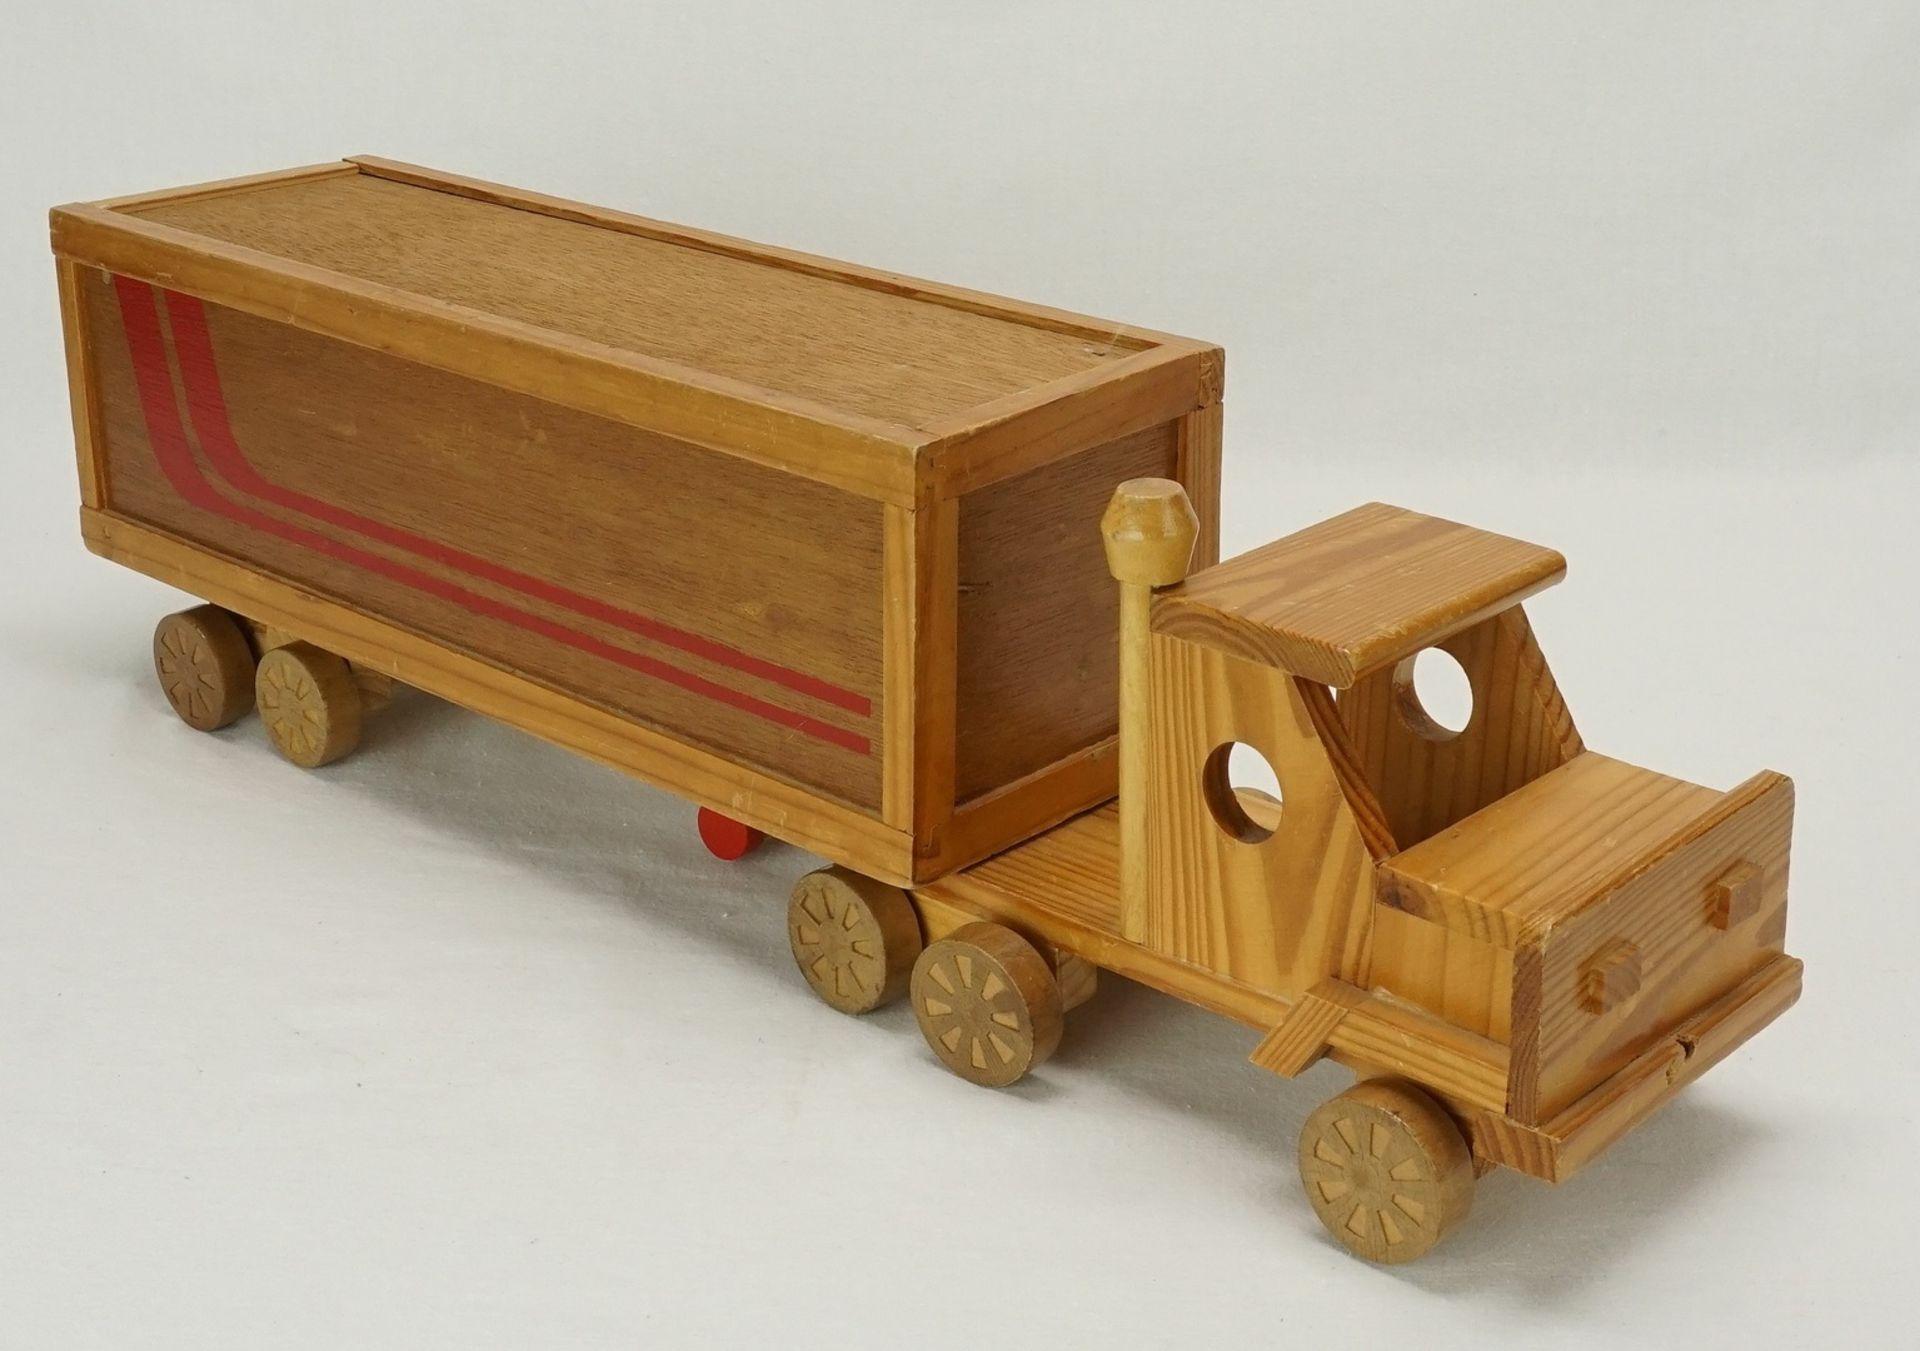 Holz Truck, 2. Hälfte 20. Jh. - Bild 2 aus 3